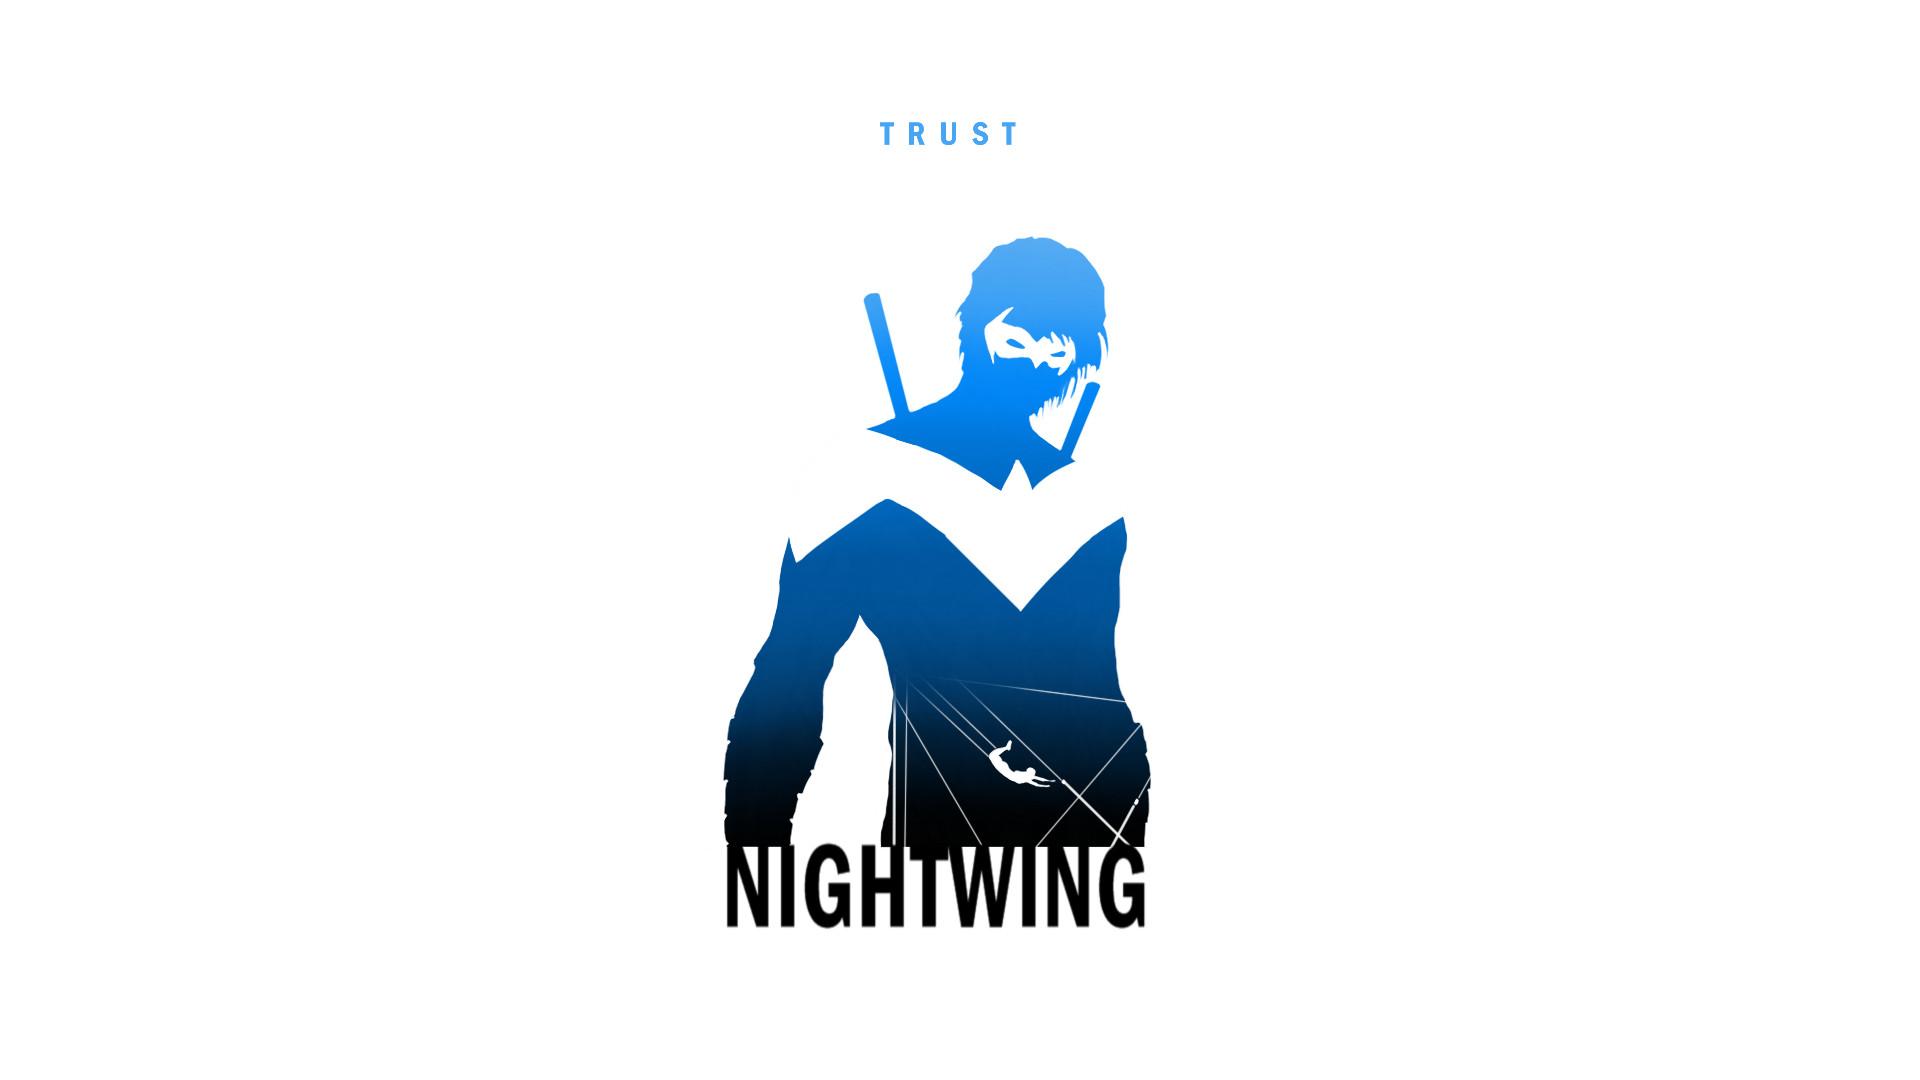 Nightwing by SteveGarciaArt